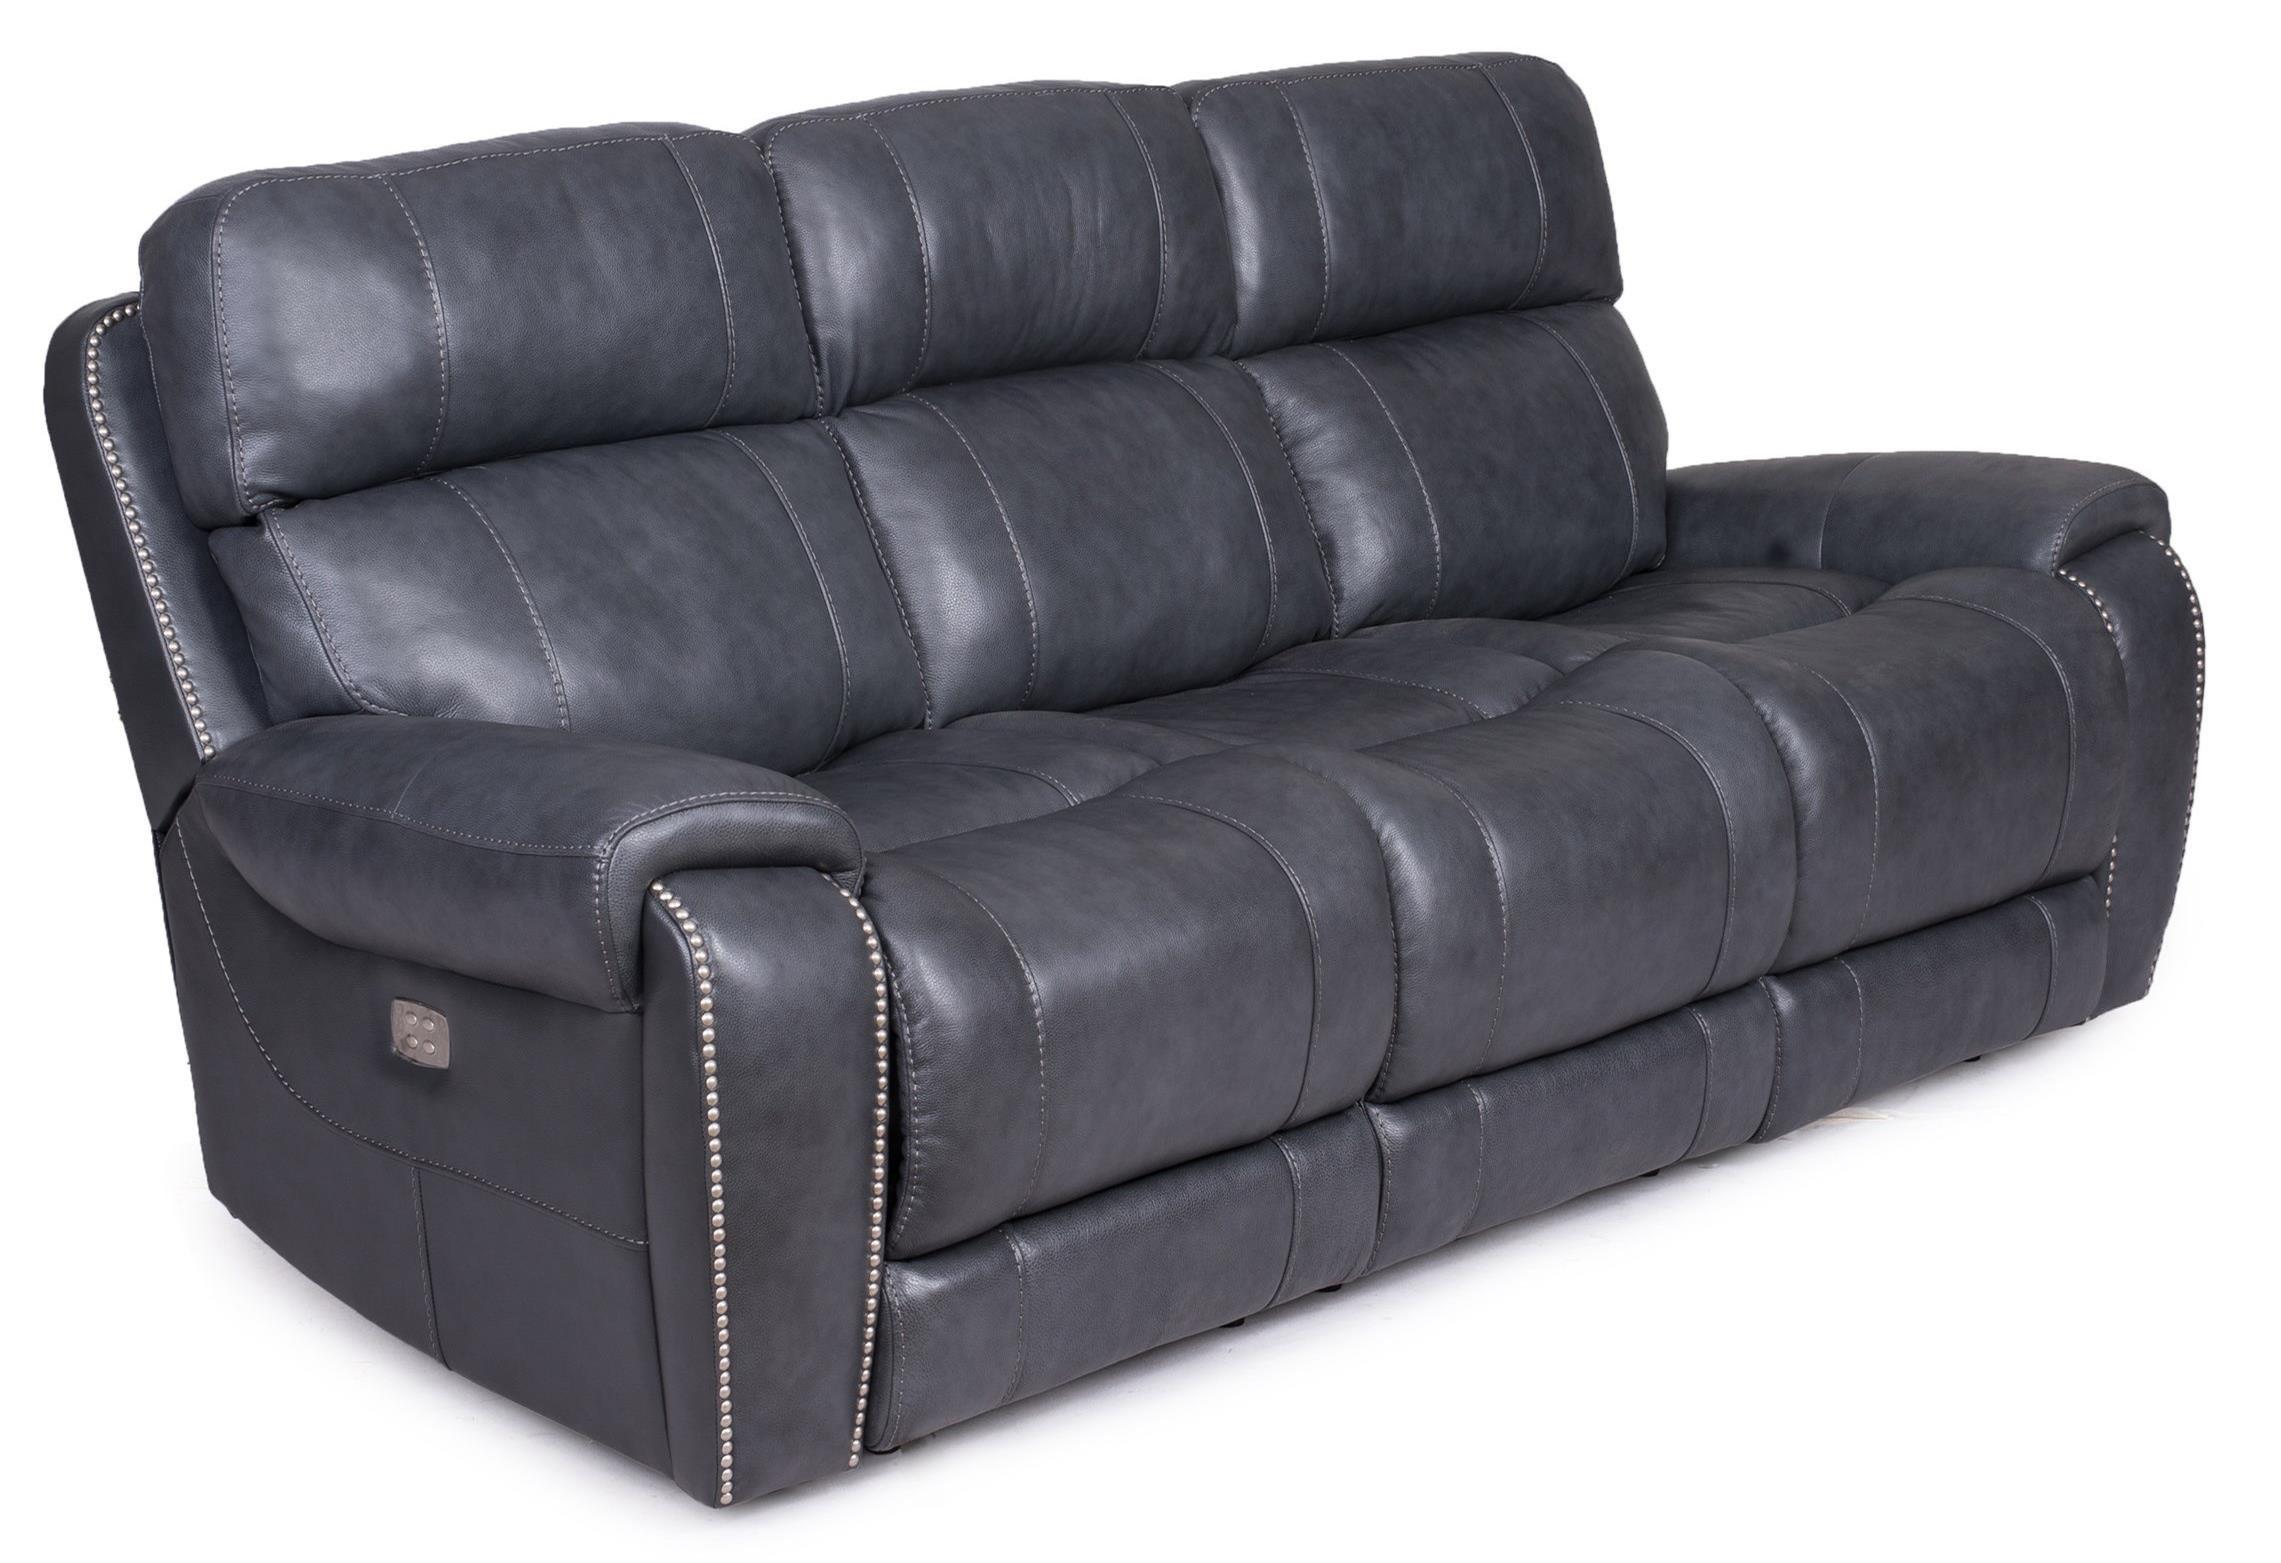 Reclining Sofa - Power Headrest Lumbar